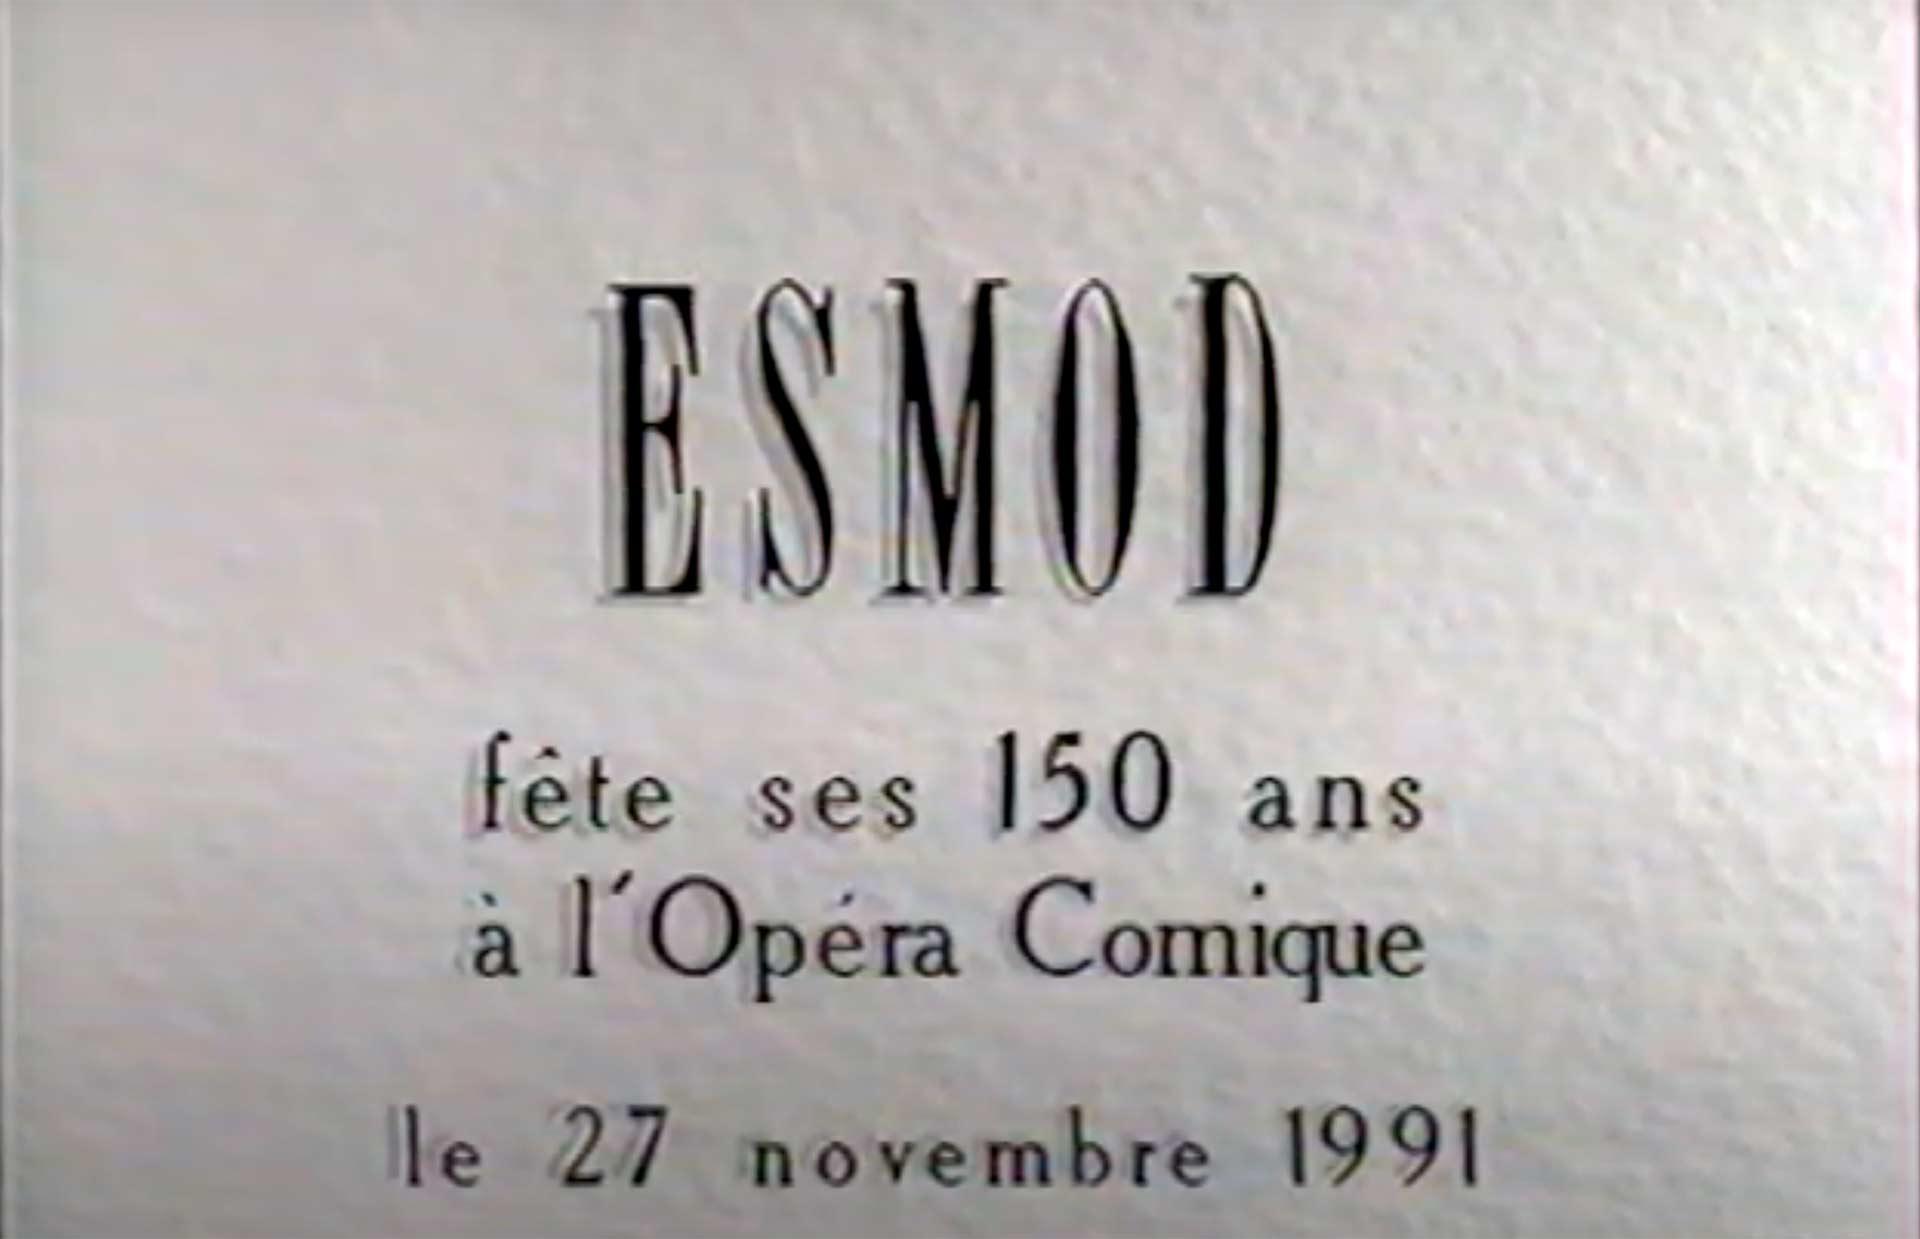 150 ans d'ESMOD à l'Opéra Comique à Paris en 1991.